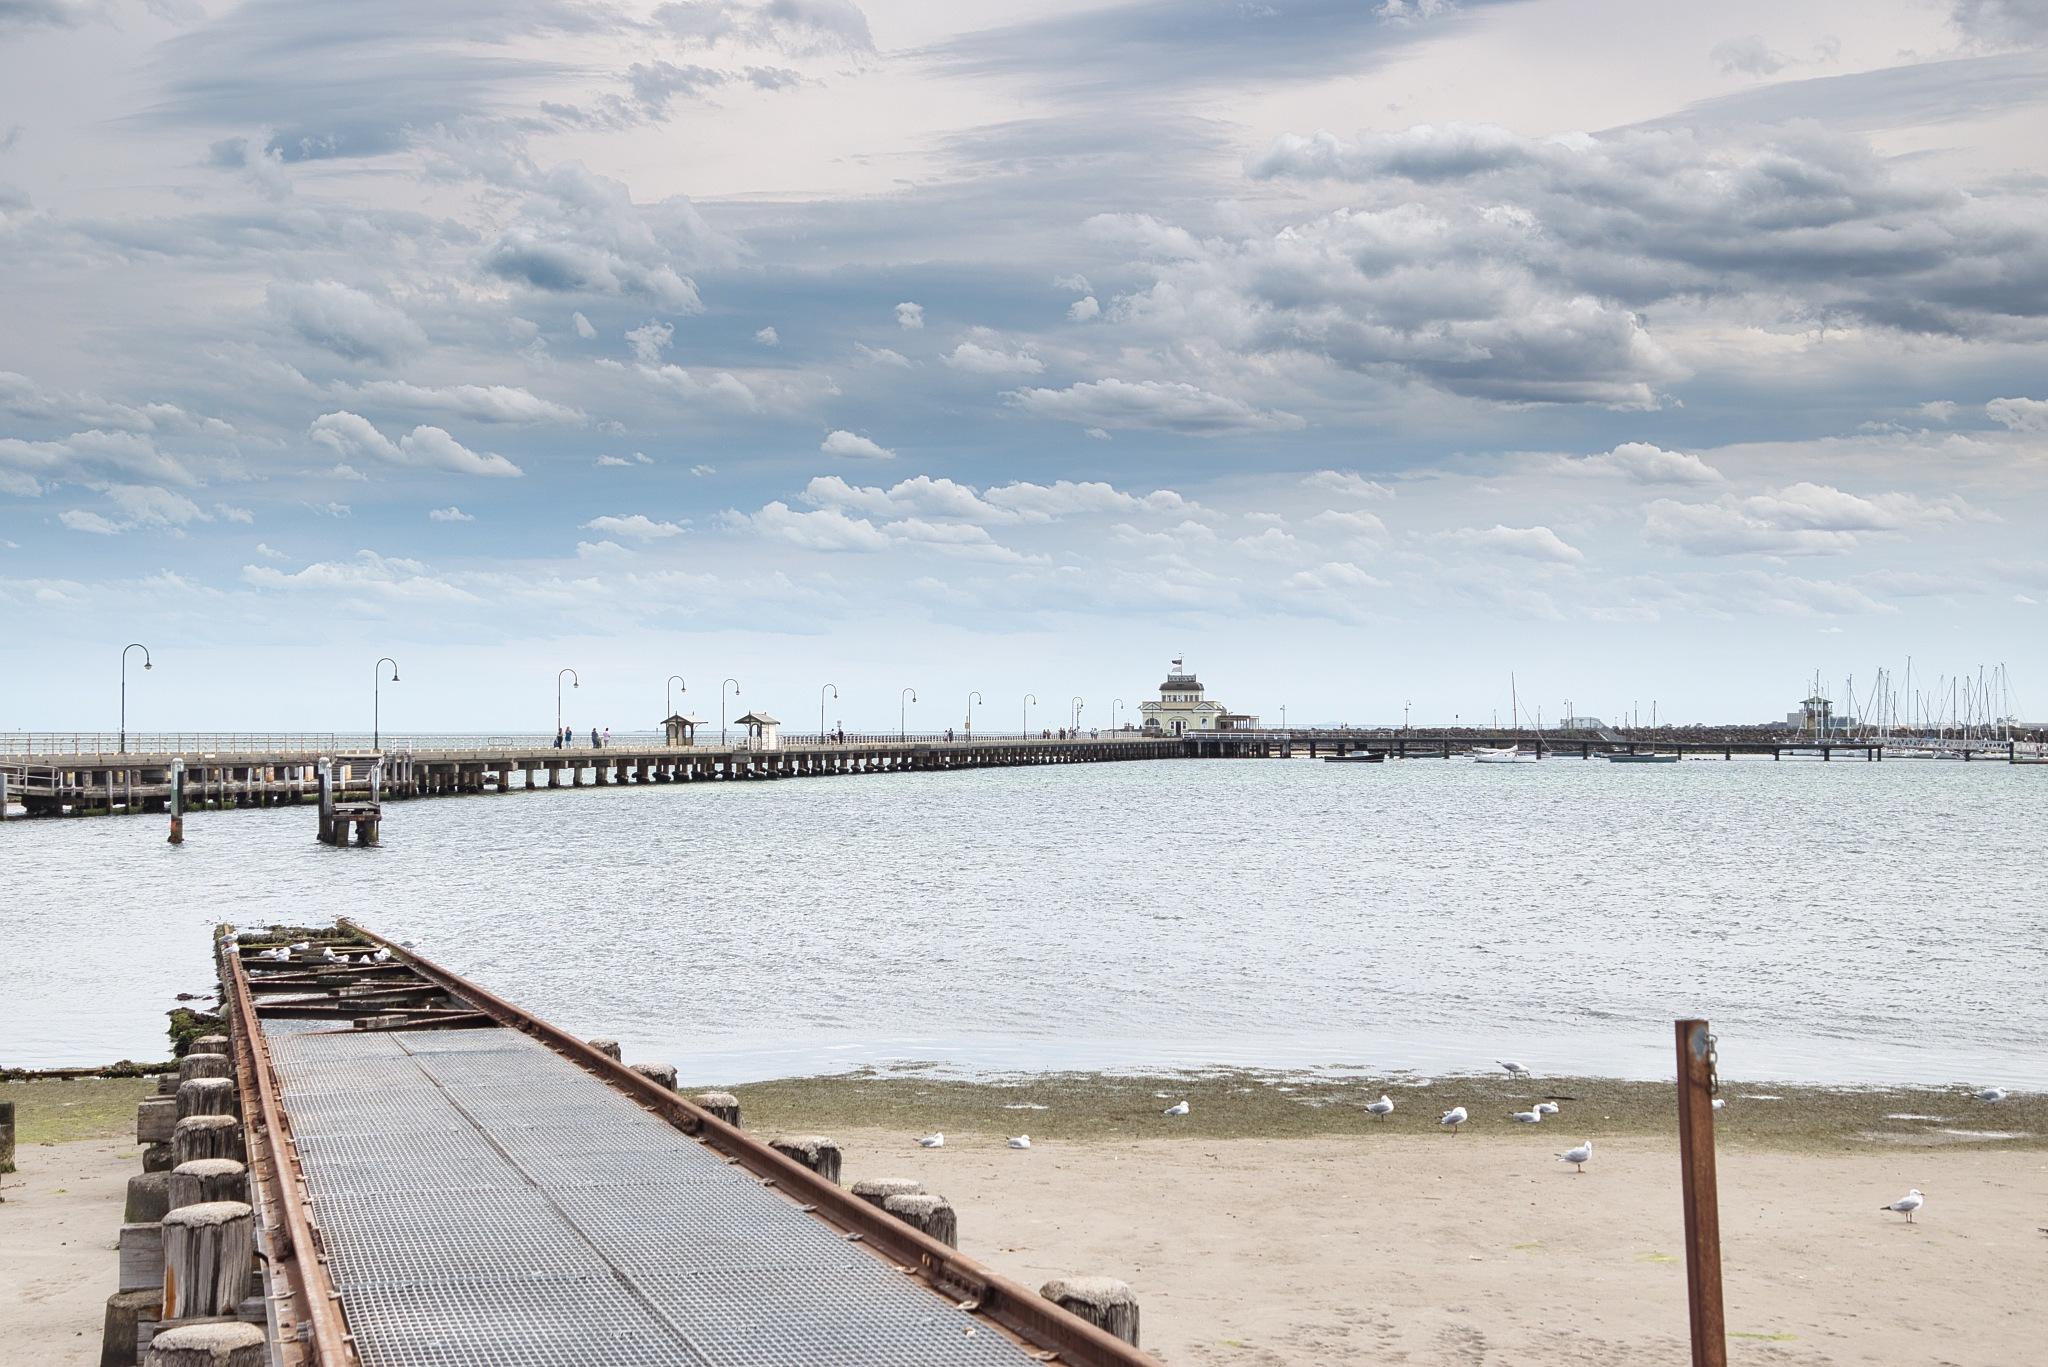 St Kilda Pier by Kim McGlinchey